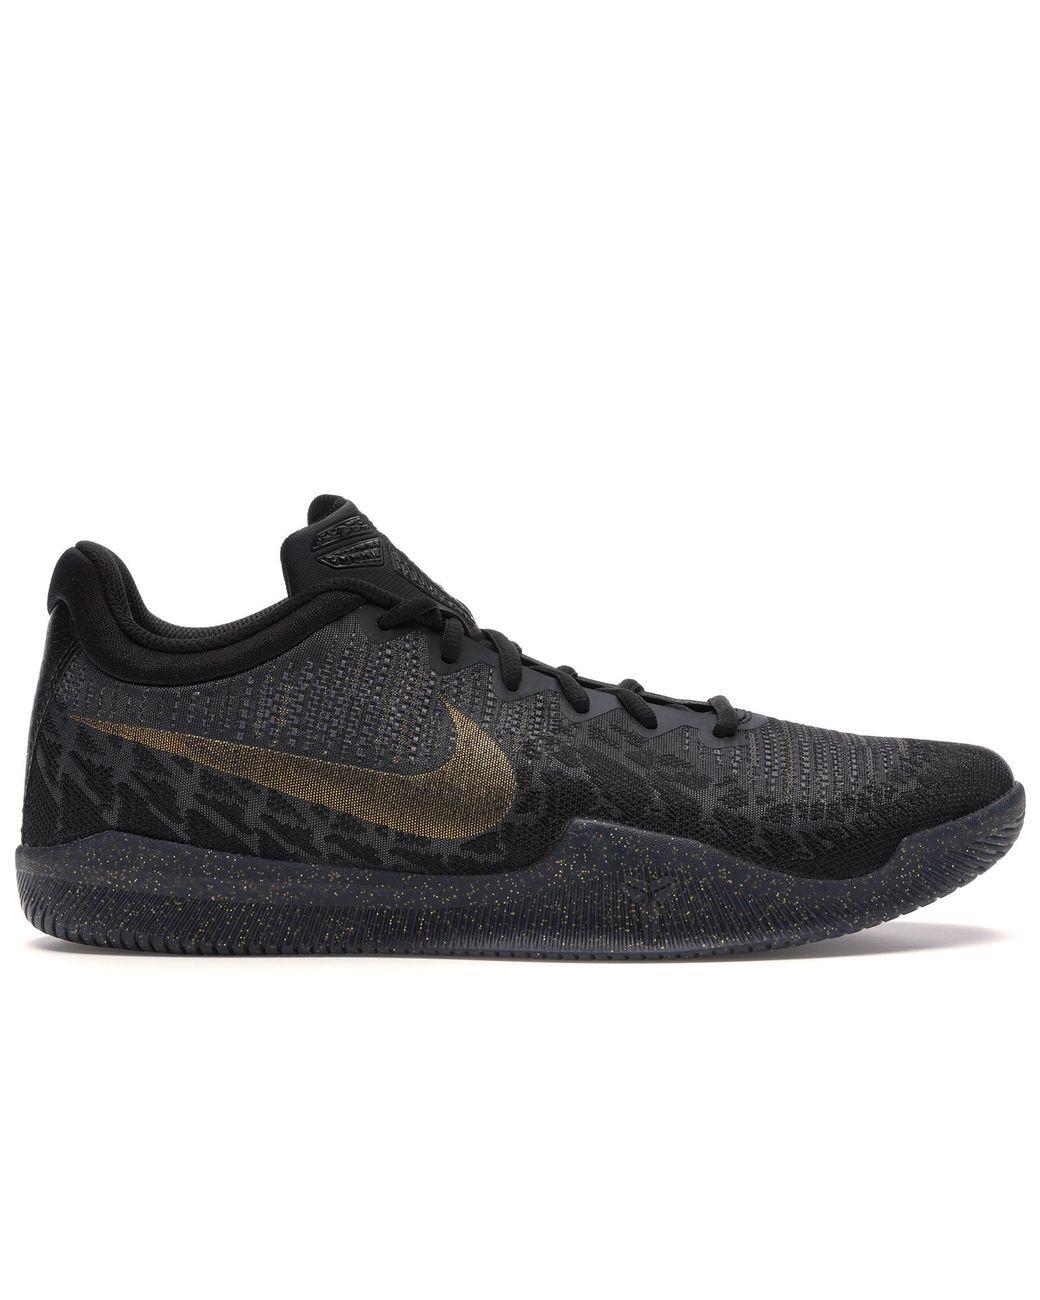 Nike Mamba Rage Basketball Sneakers in